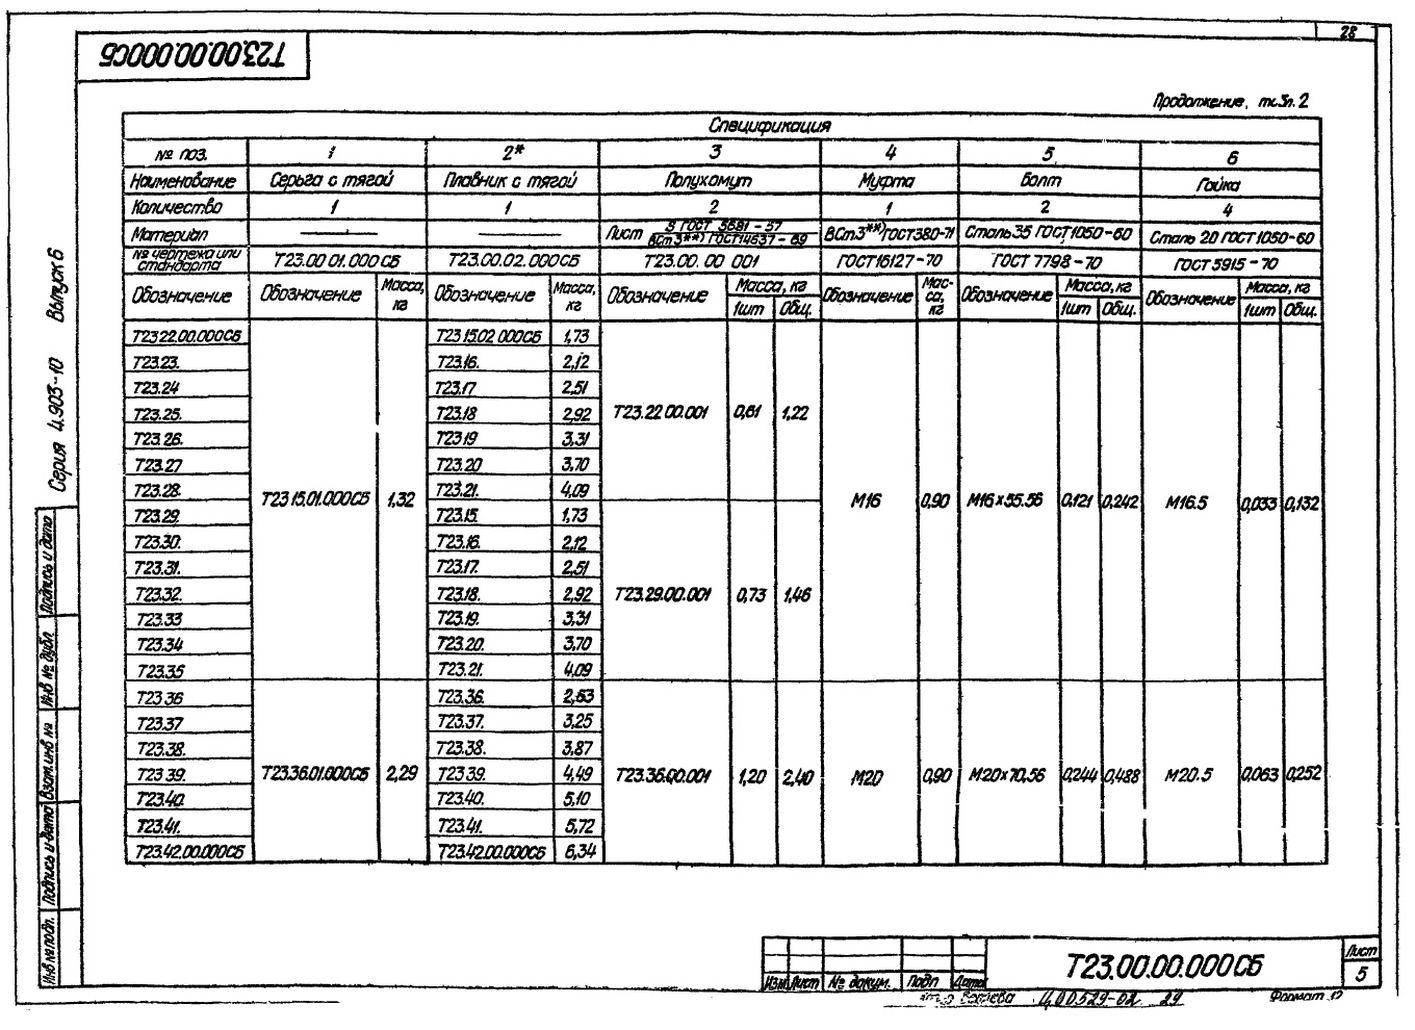 Опора подвижная жесткая Т23 с.4.903-10 вып.6 стр.5